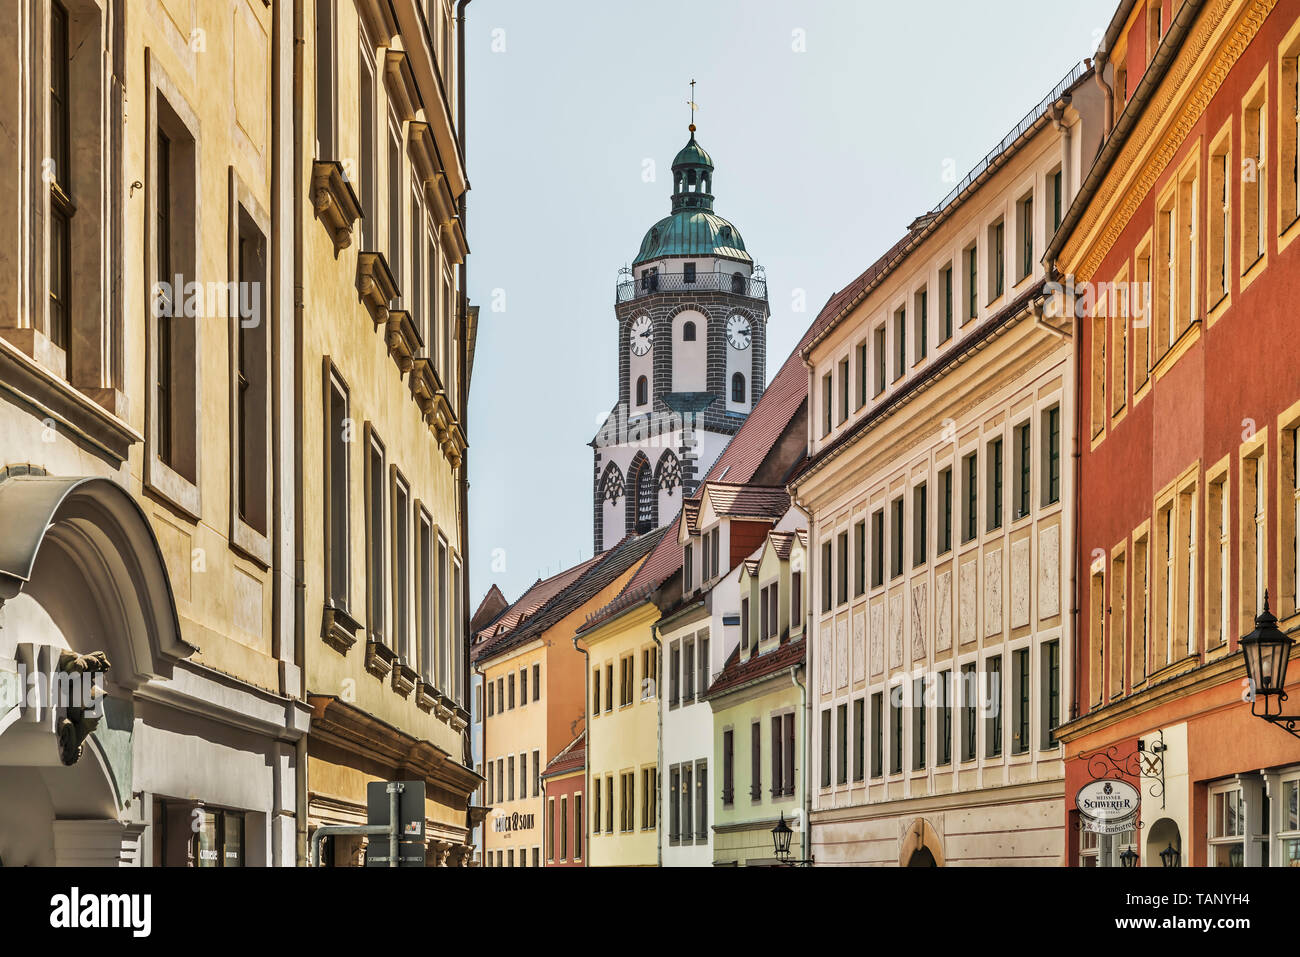 Blick durch die Burgstraße (Schloss Straße) auf Frauenkirche (Kirche unserer Dame) Meißen, Sachsen, Deutschland, Europa Stockbild